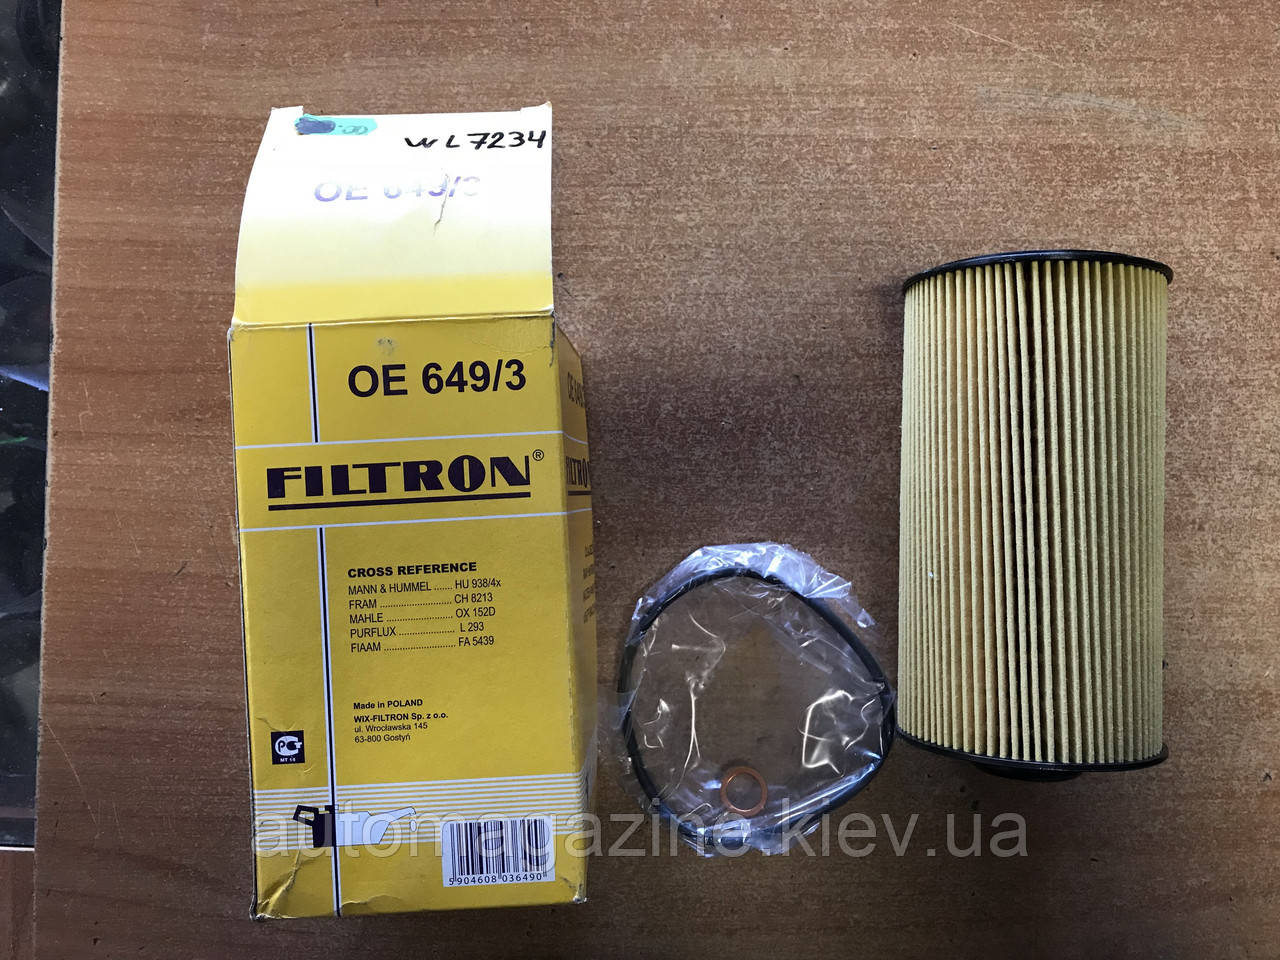 Фильтр масляный WL 7234 (OE649/3)